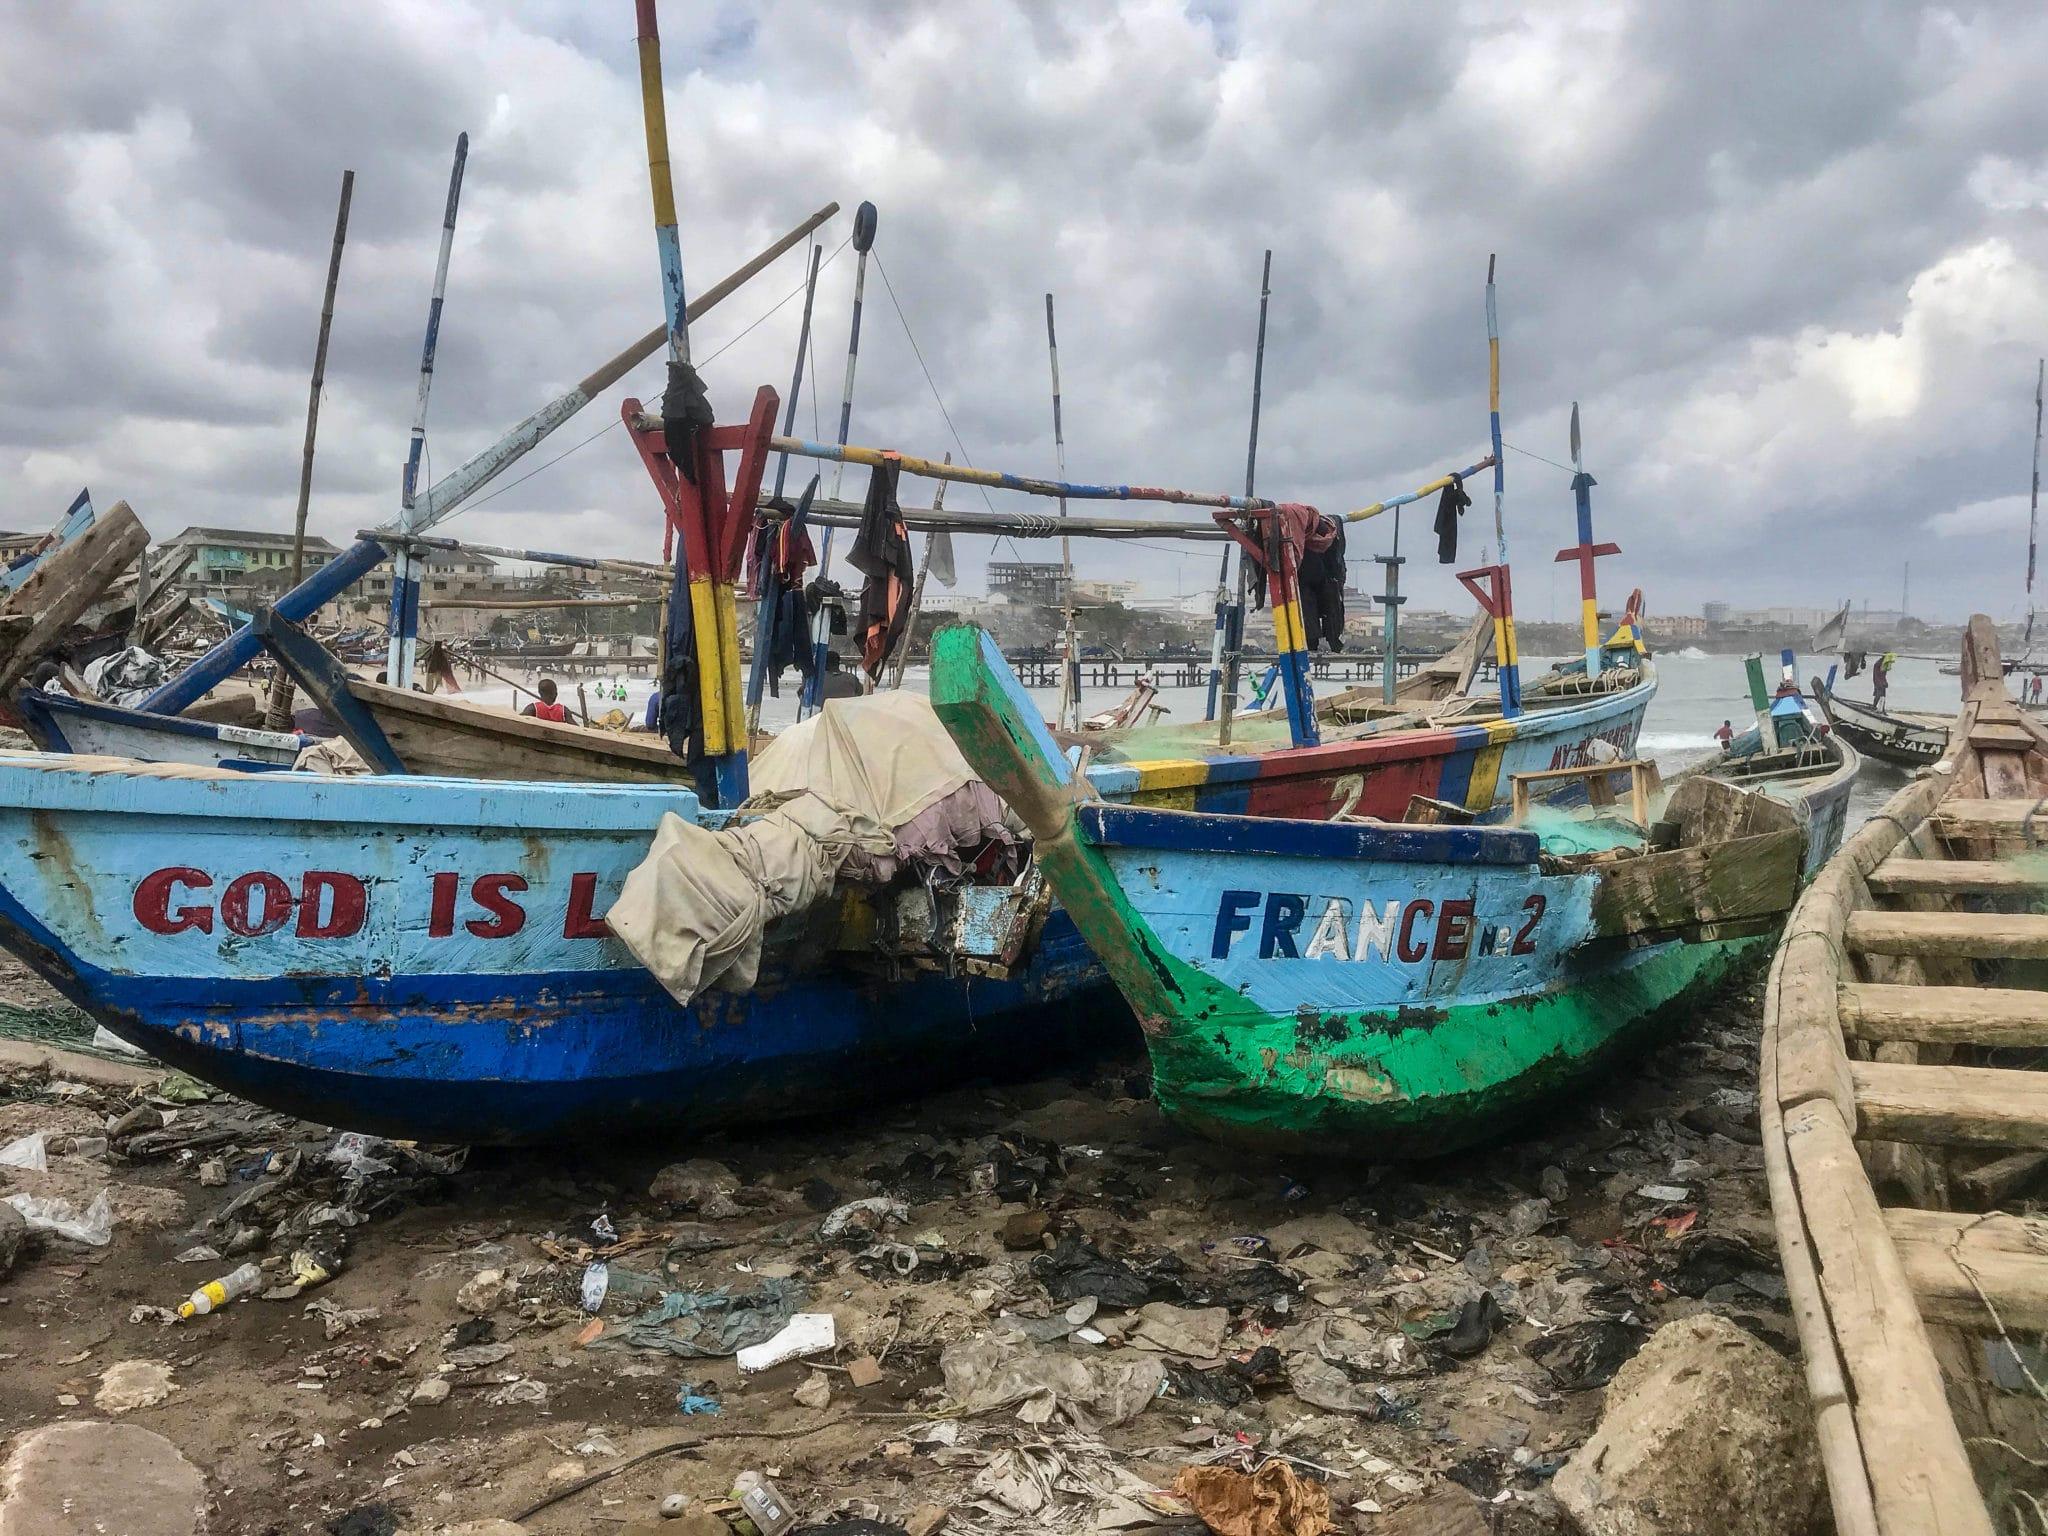 Ghana Canoes, Photo: Alena Thiel